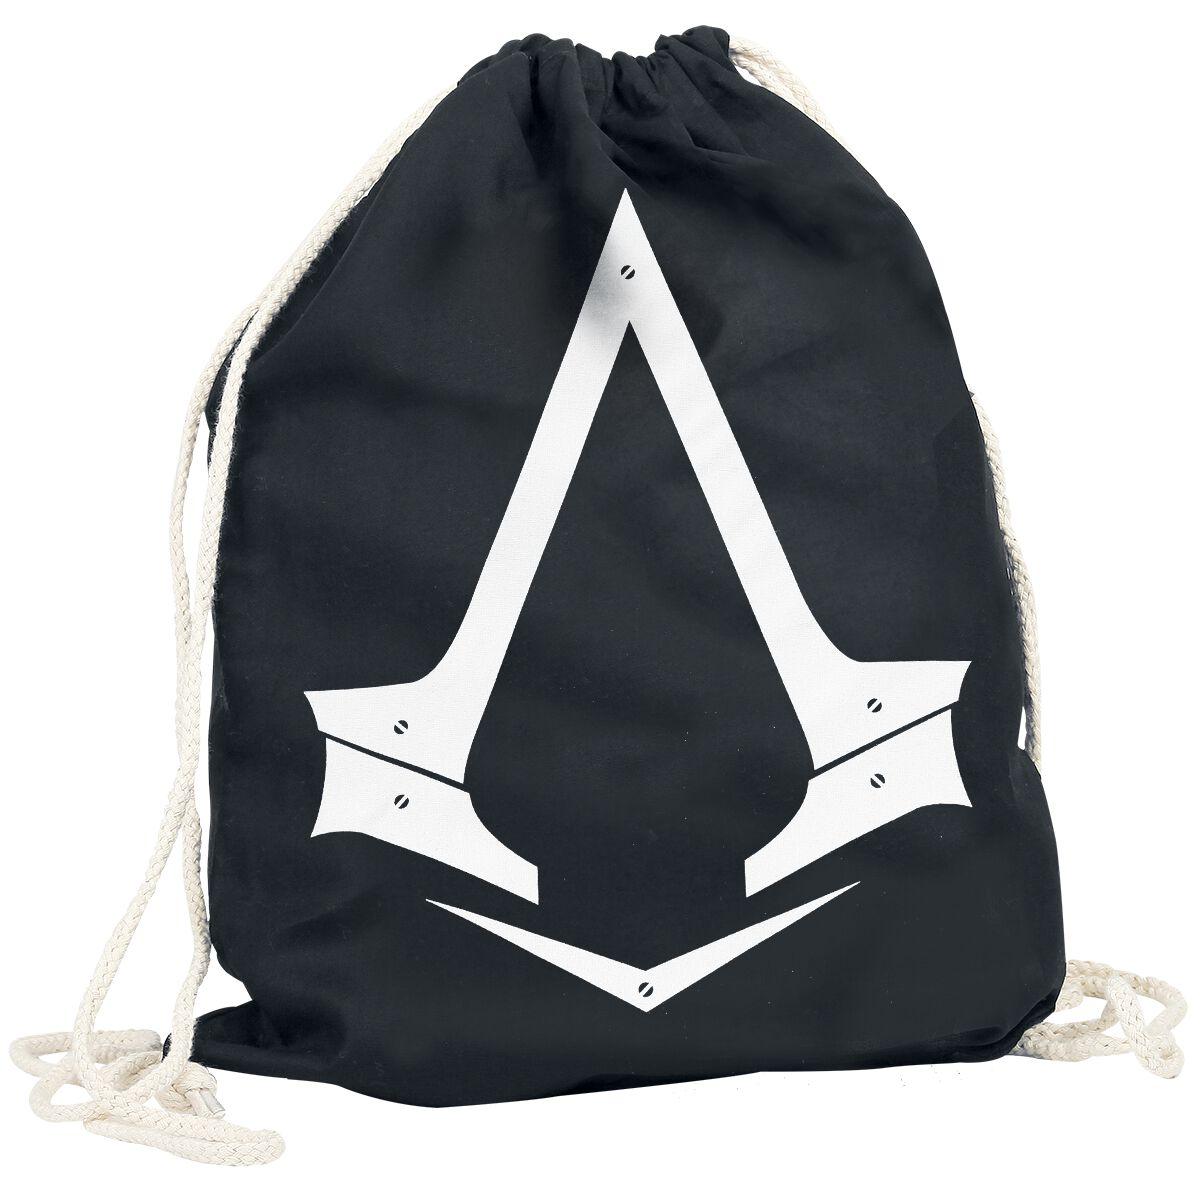 Sporttaschen - Assassin's Creed Assassin's Creed Logo Turnbeutel schwarz  - Onlineshop EMP